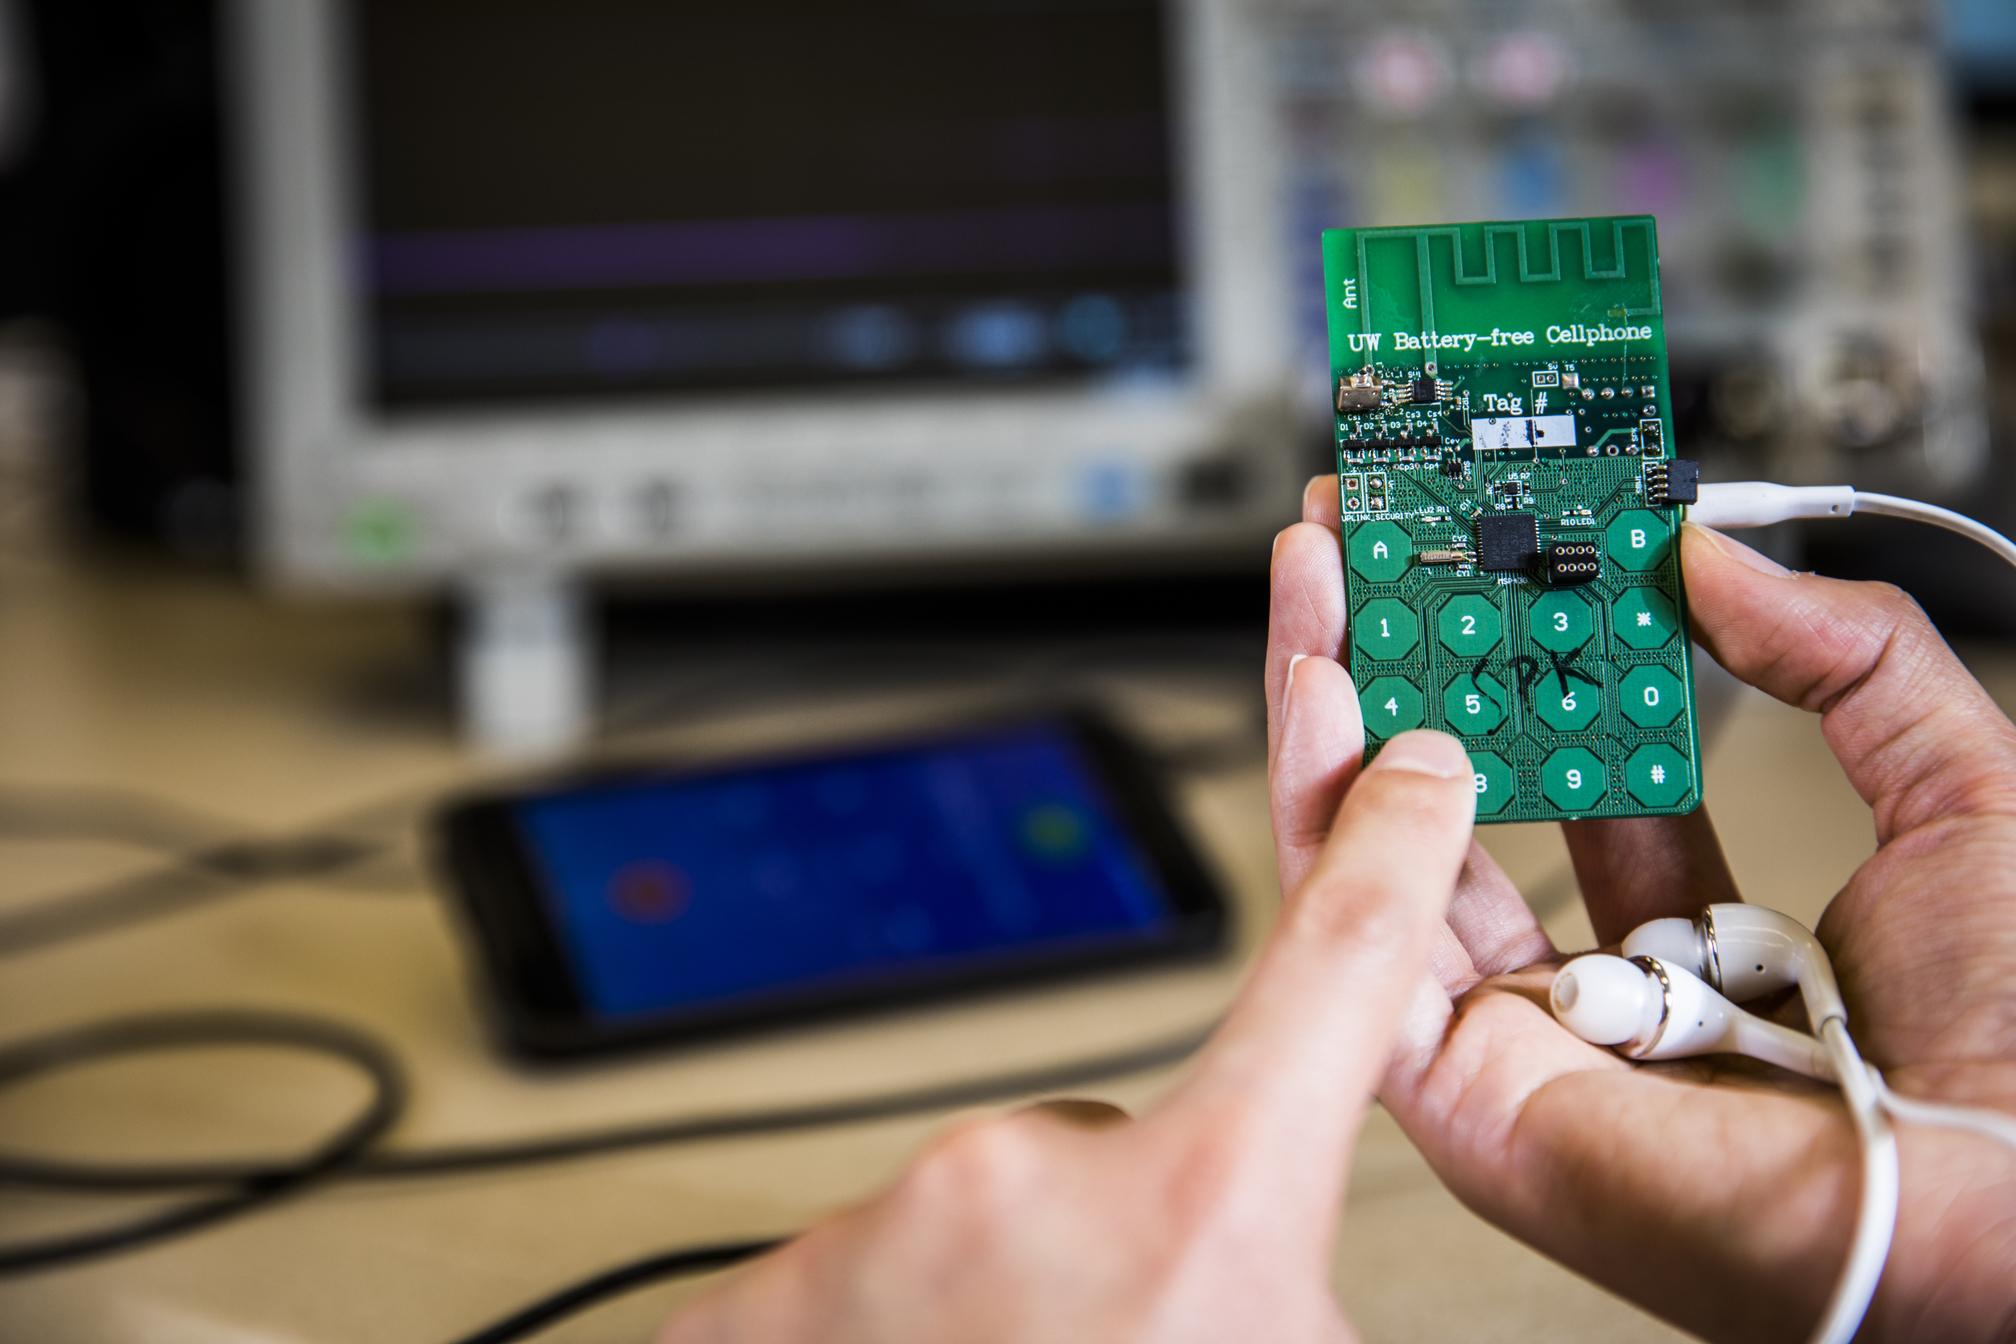 Il cellulare senza batteria è stato sviluppato nei laboratori dell'Università di Washington